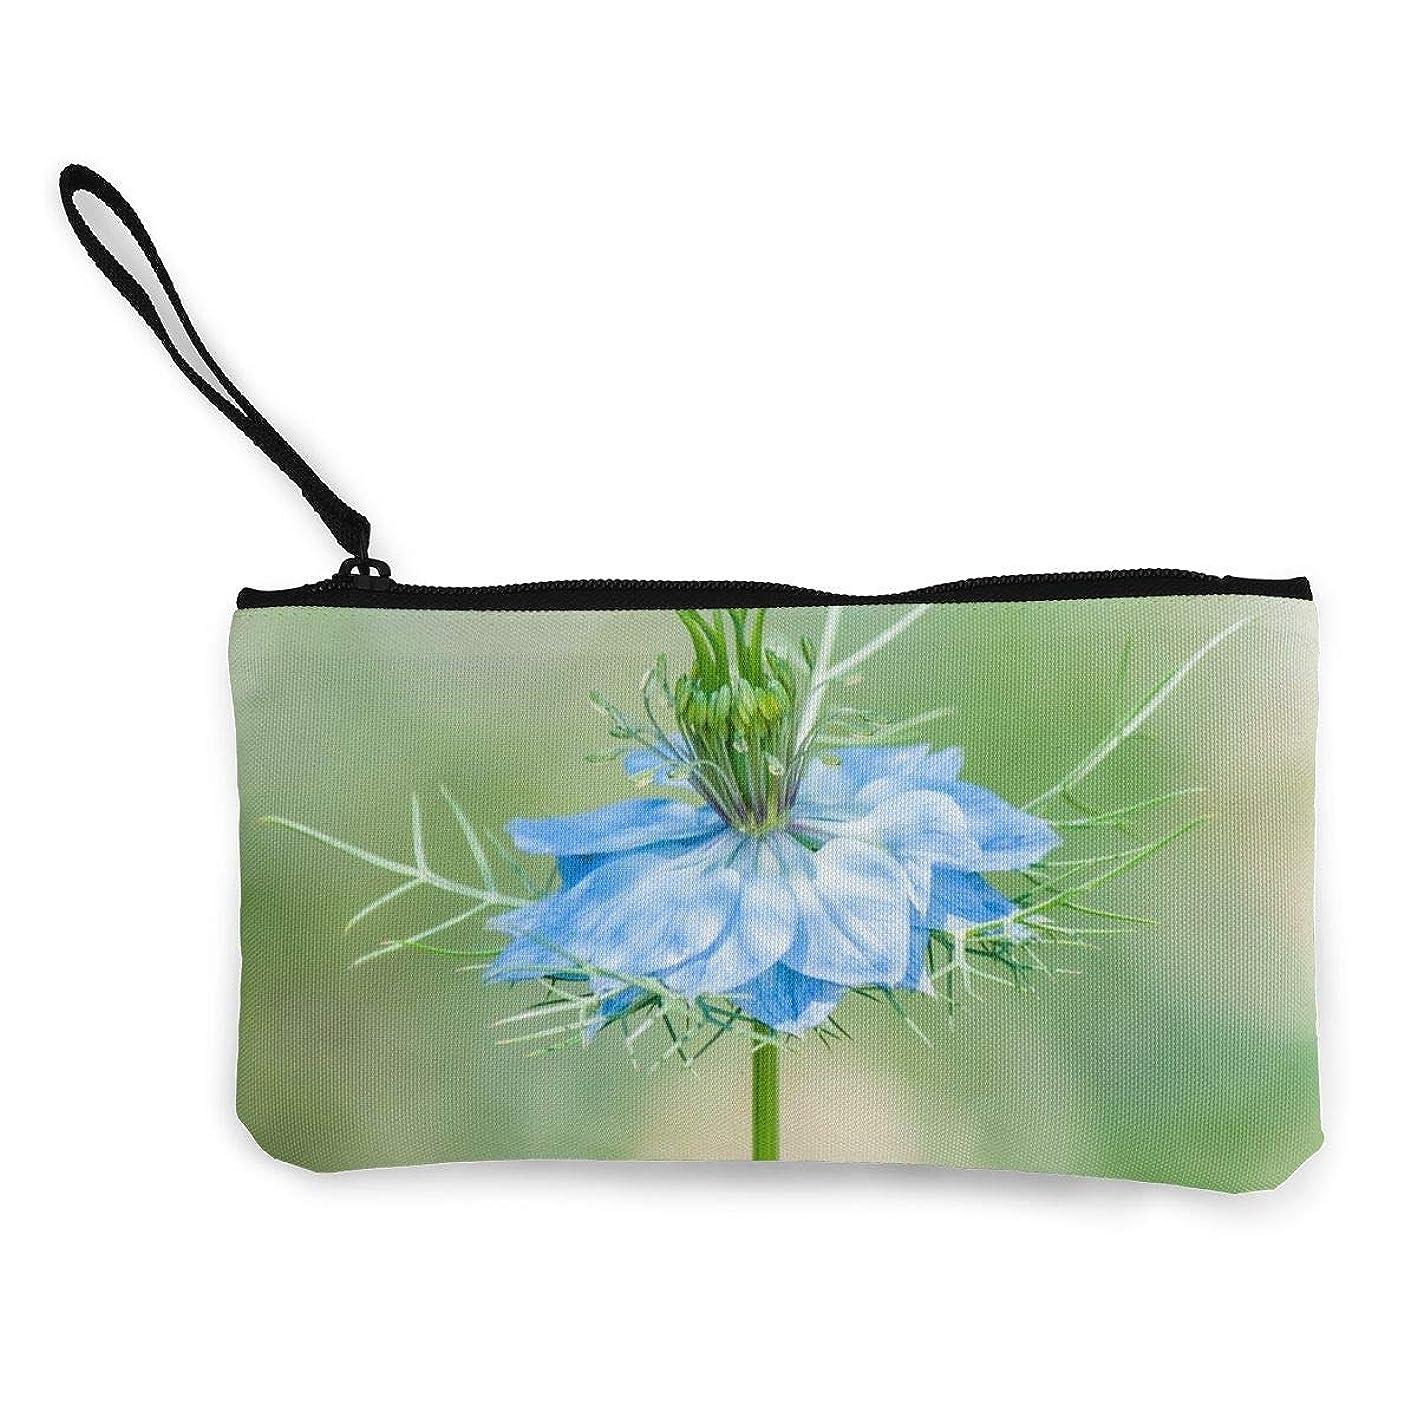 指定伝統的優先ErmiCo レディース 小銭入れ キャンバス財布 ニゲラの花 小遣い財布 財布 鍵 小物 充電器 収納 長財布 ファスナー付き 22×12cm